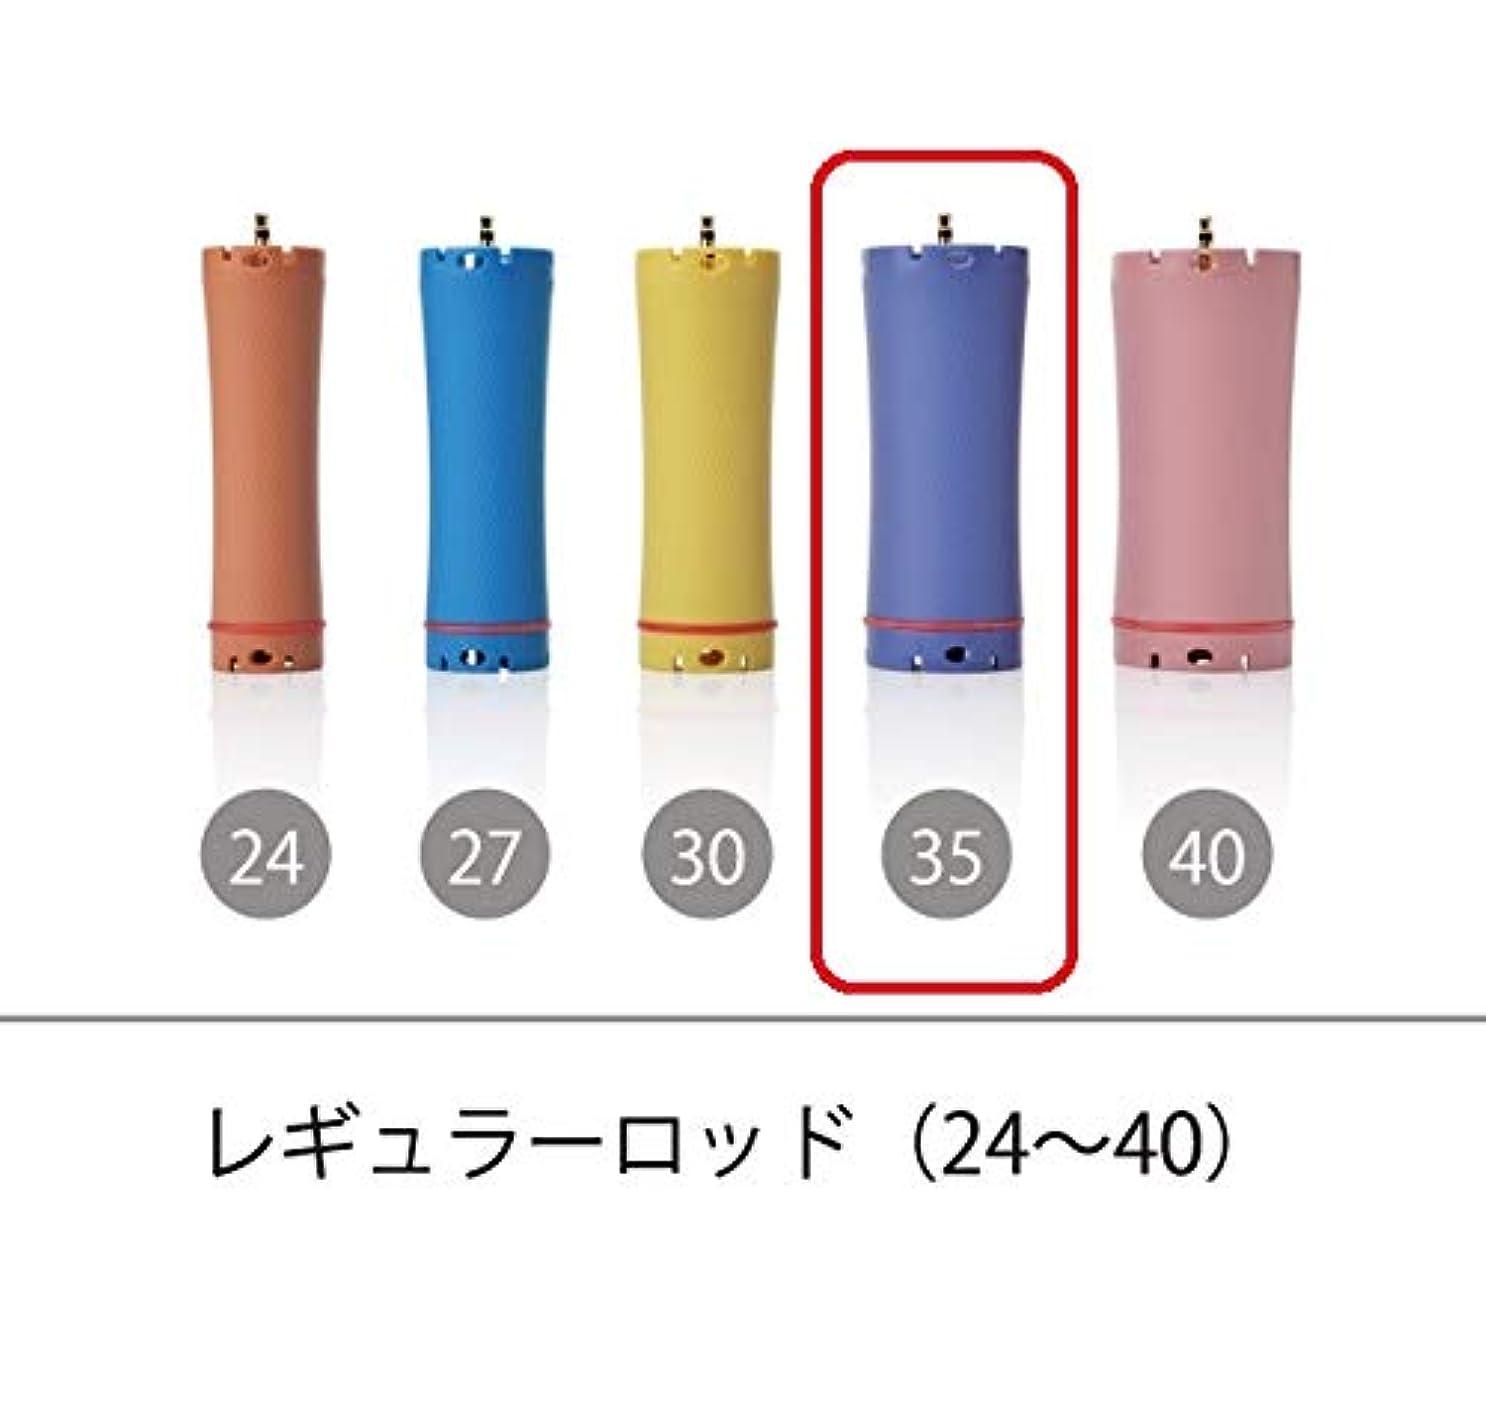 ヘアロンドン不従順ソキウス 専用ロッド レギュラーロッド 35mm